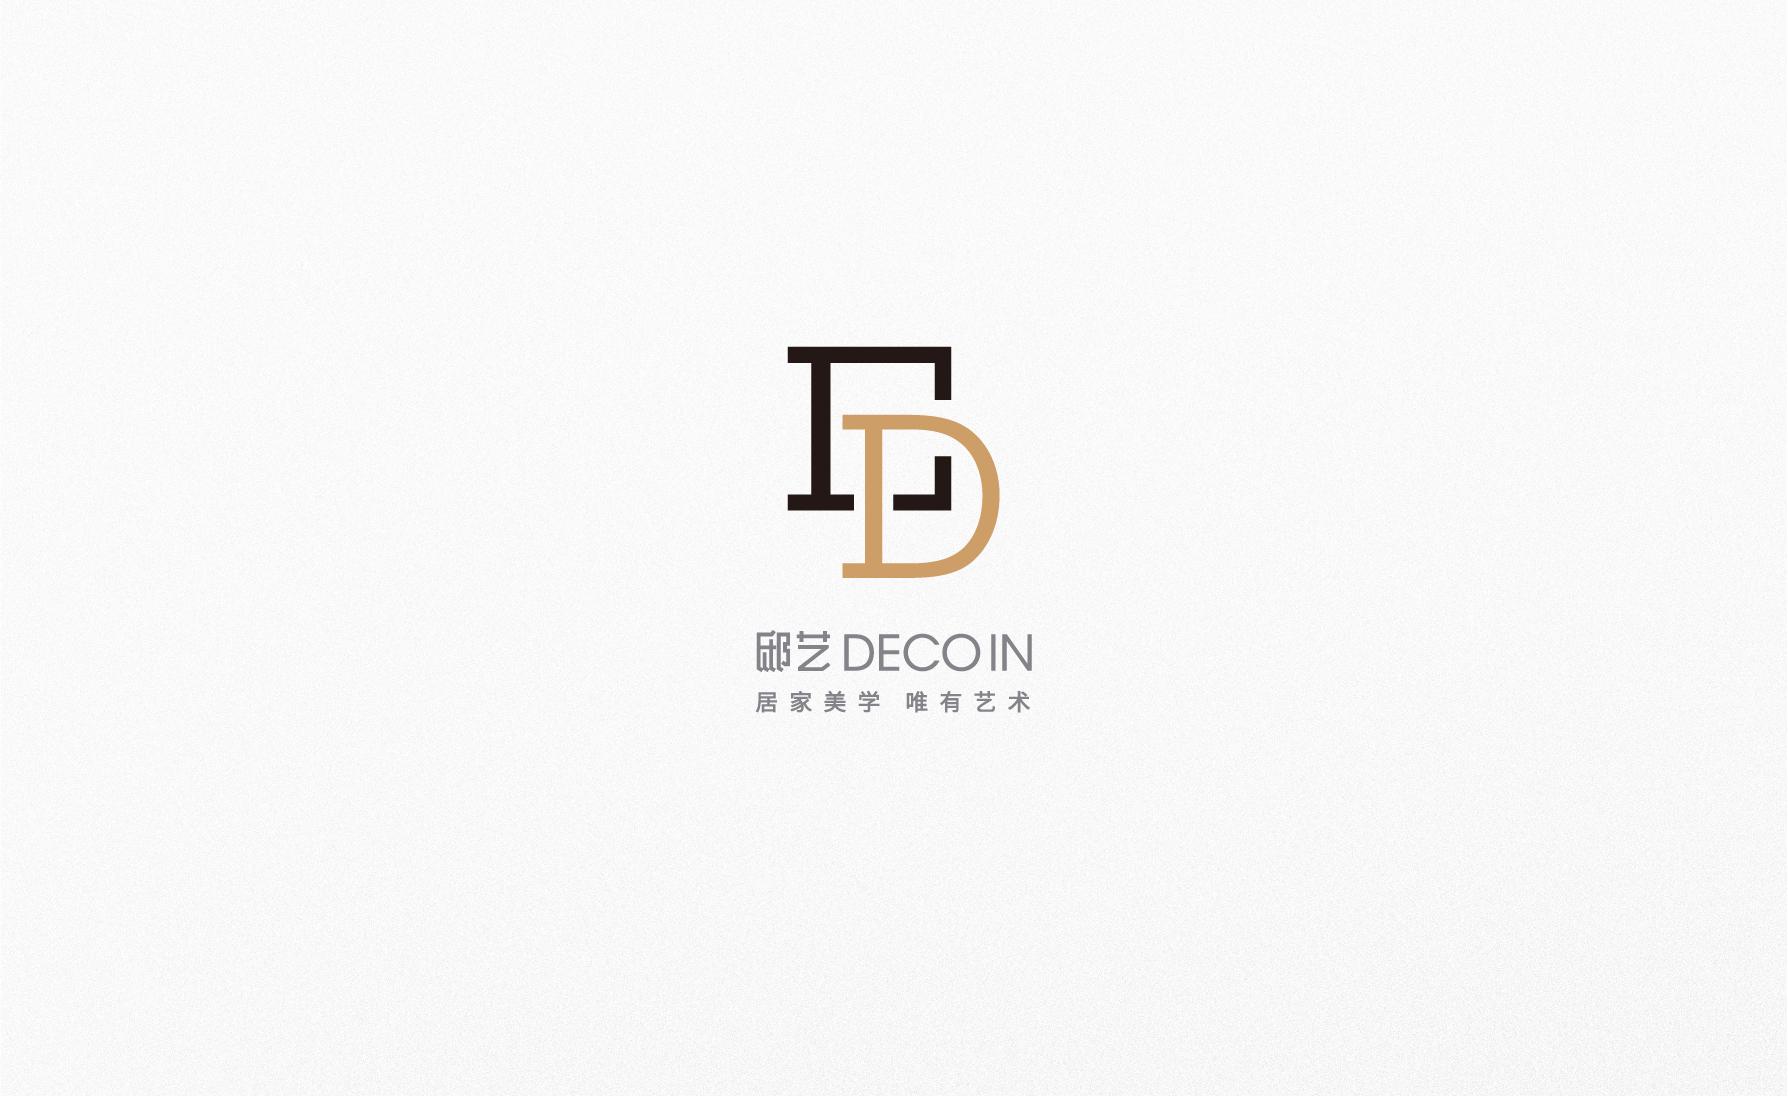 杭州logo设计的一些具体技巧